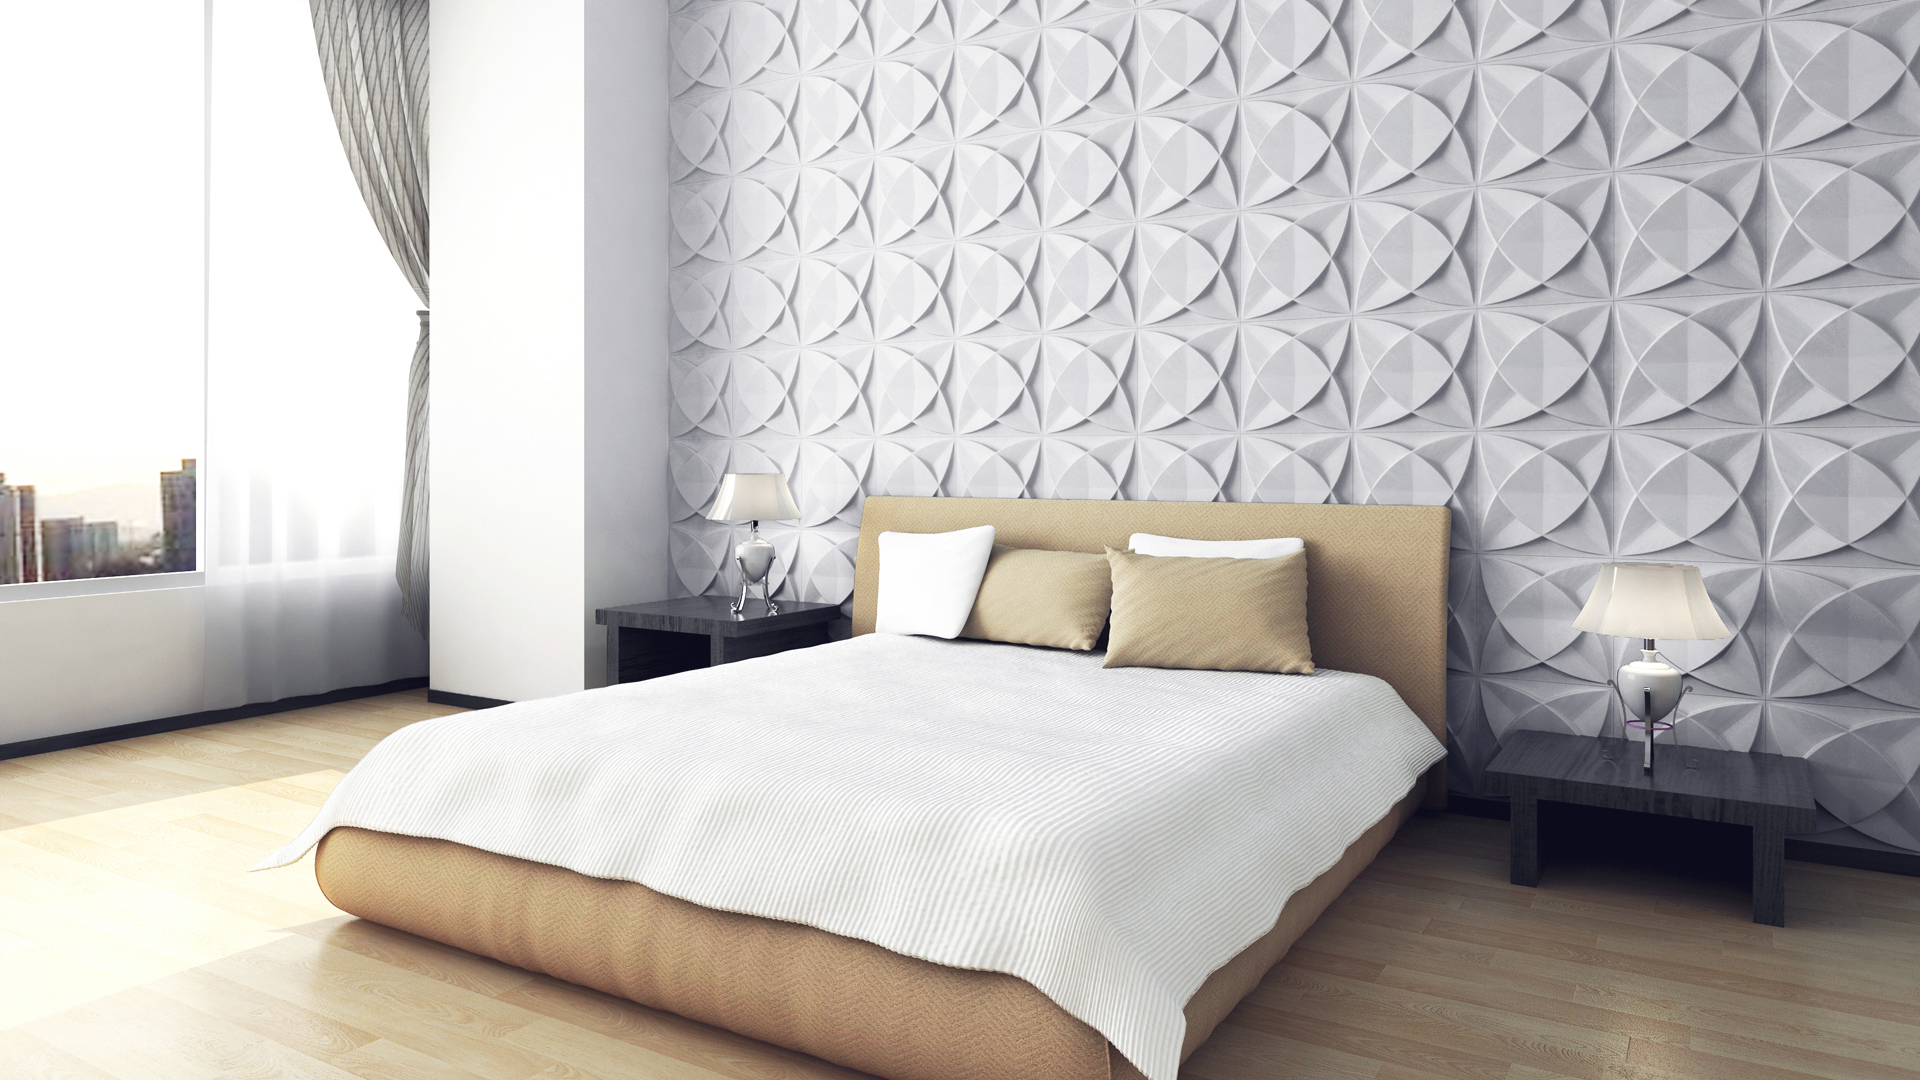 wohnzimmerlampen poco:verblender wohnzimmer beispiele : Design Ideen • 3D Wandpaneele